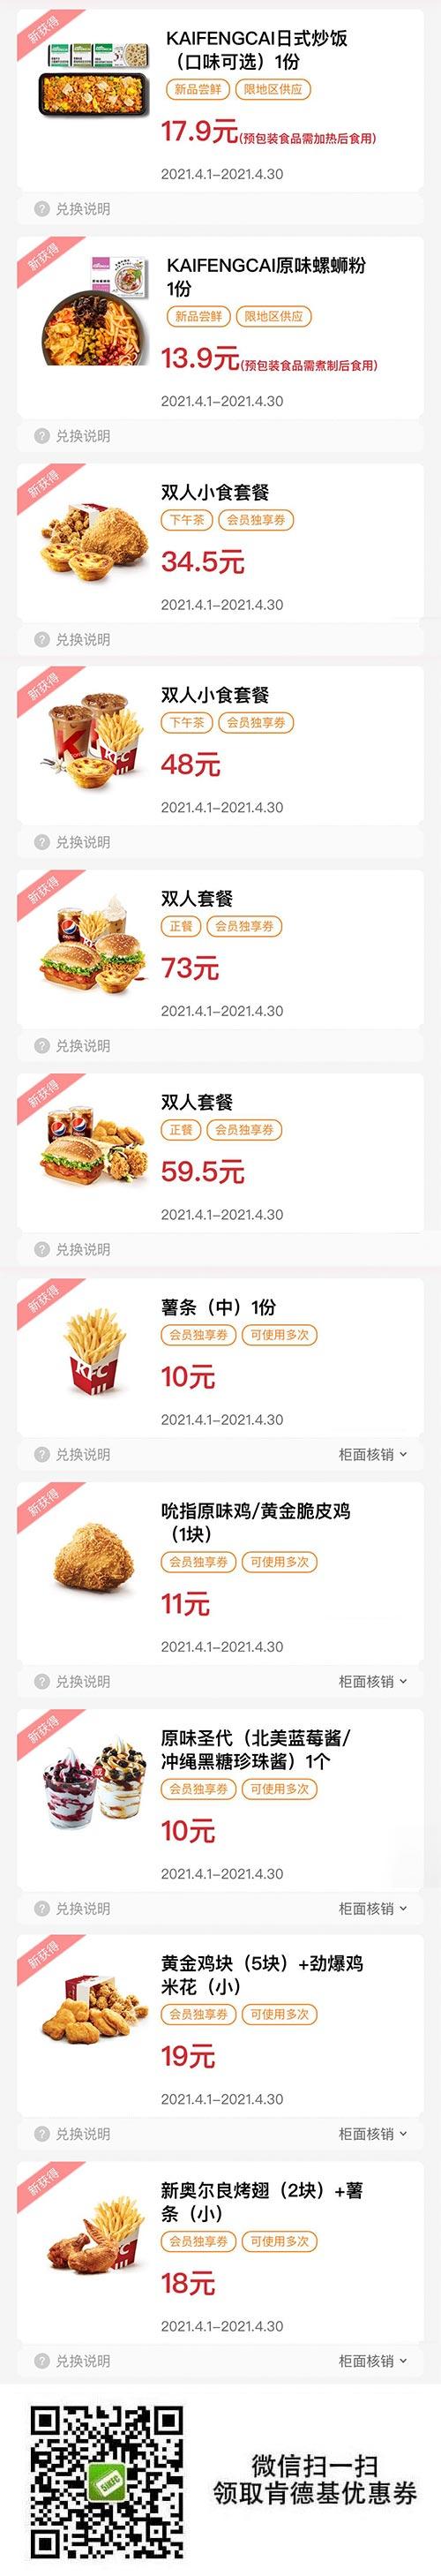 肯德基2021年4月正餐优惠券 双人小食餐34.5元起 双人餐59.5元起